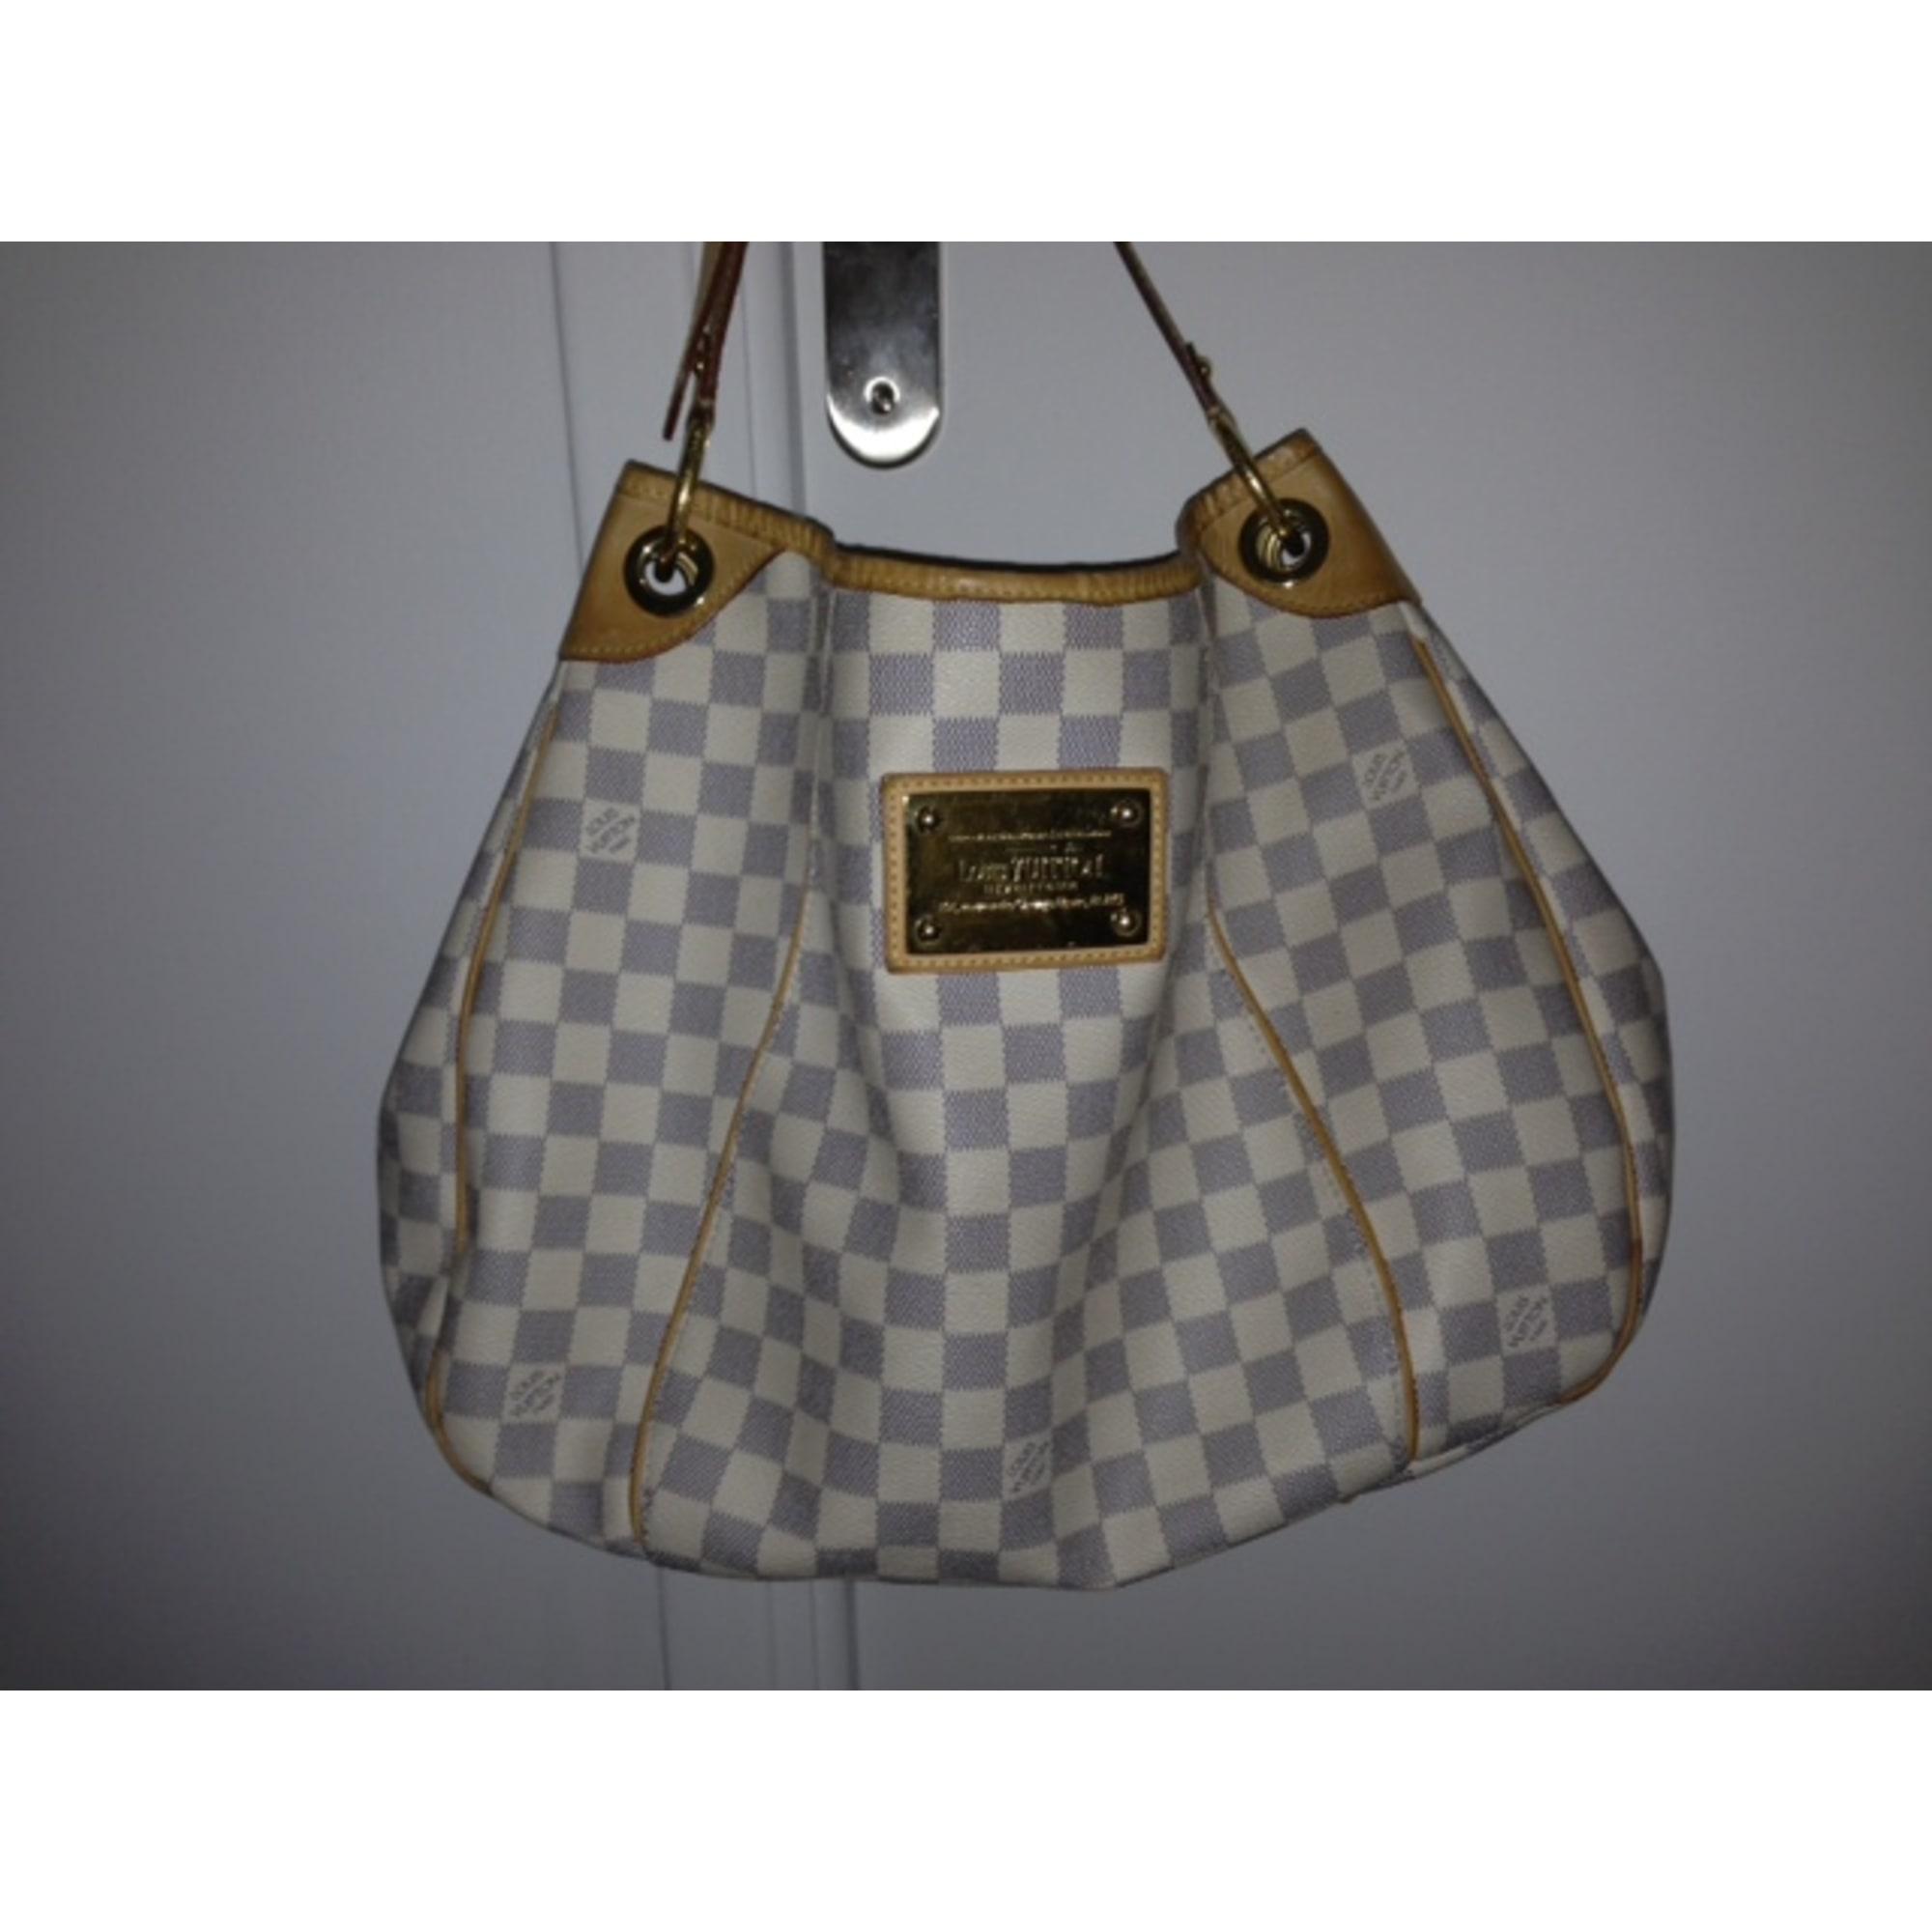 395fa4eb43b7 Sac à main en cuir LOUIS VUITTON blanc vendu par Vide dressing zoiah ...